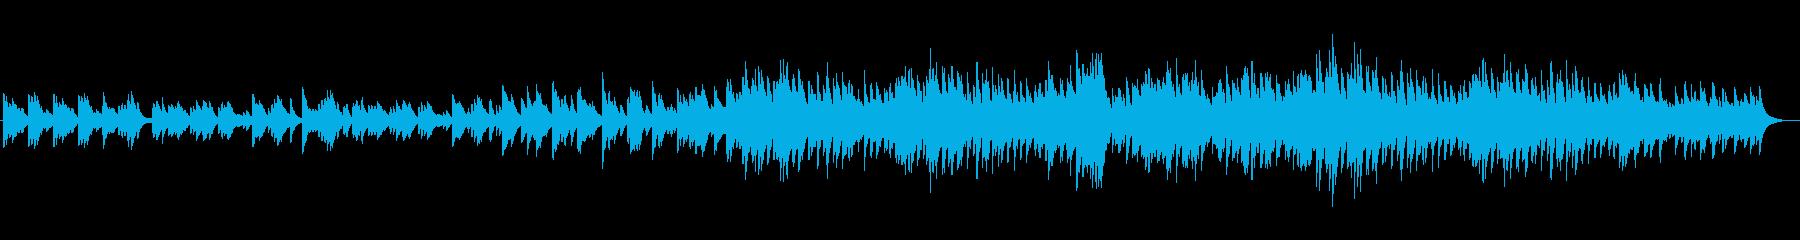 力強い旋律が印象的なピアノソロの再生済みの波形